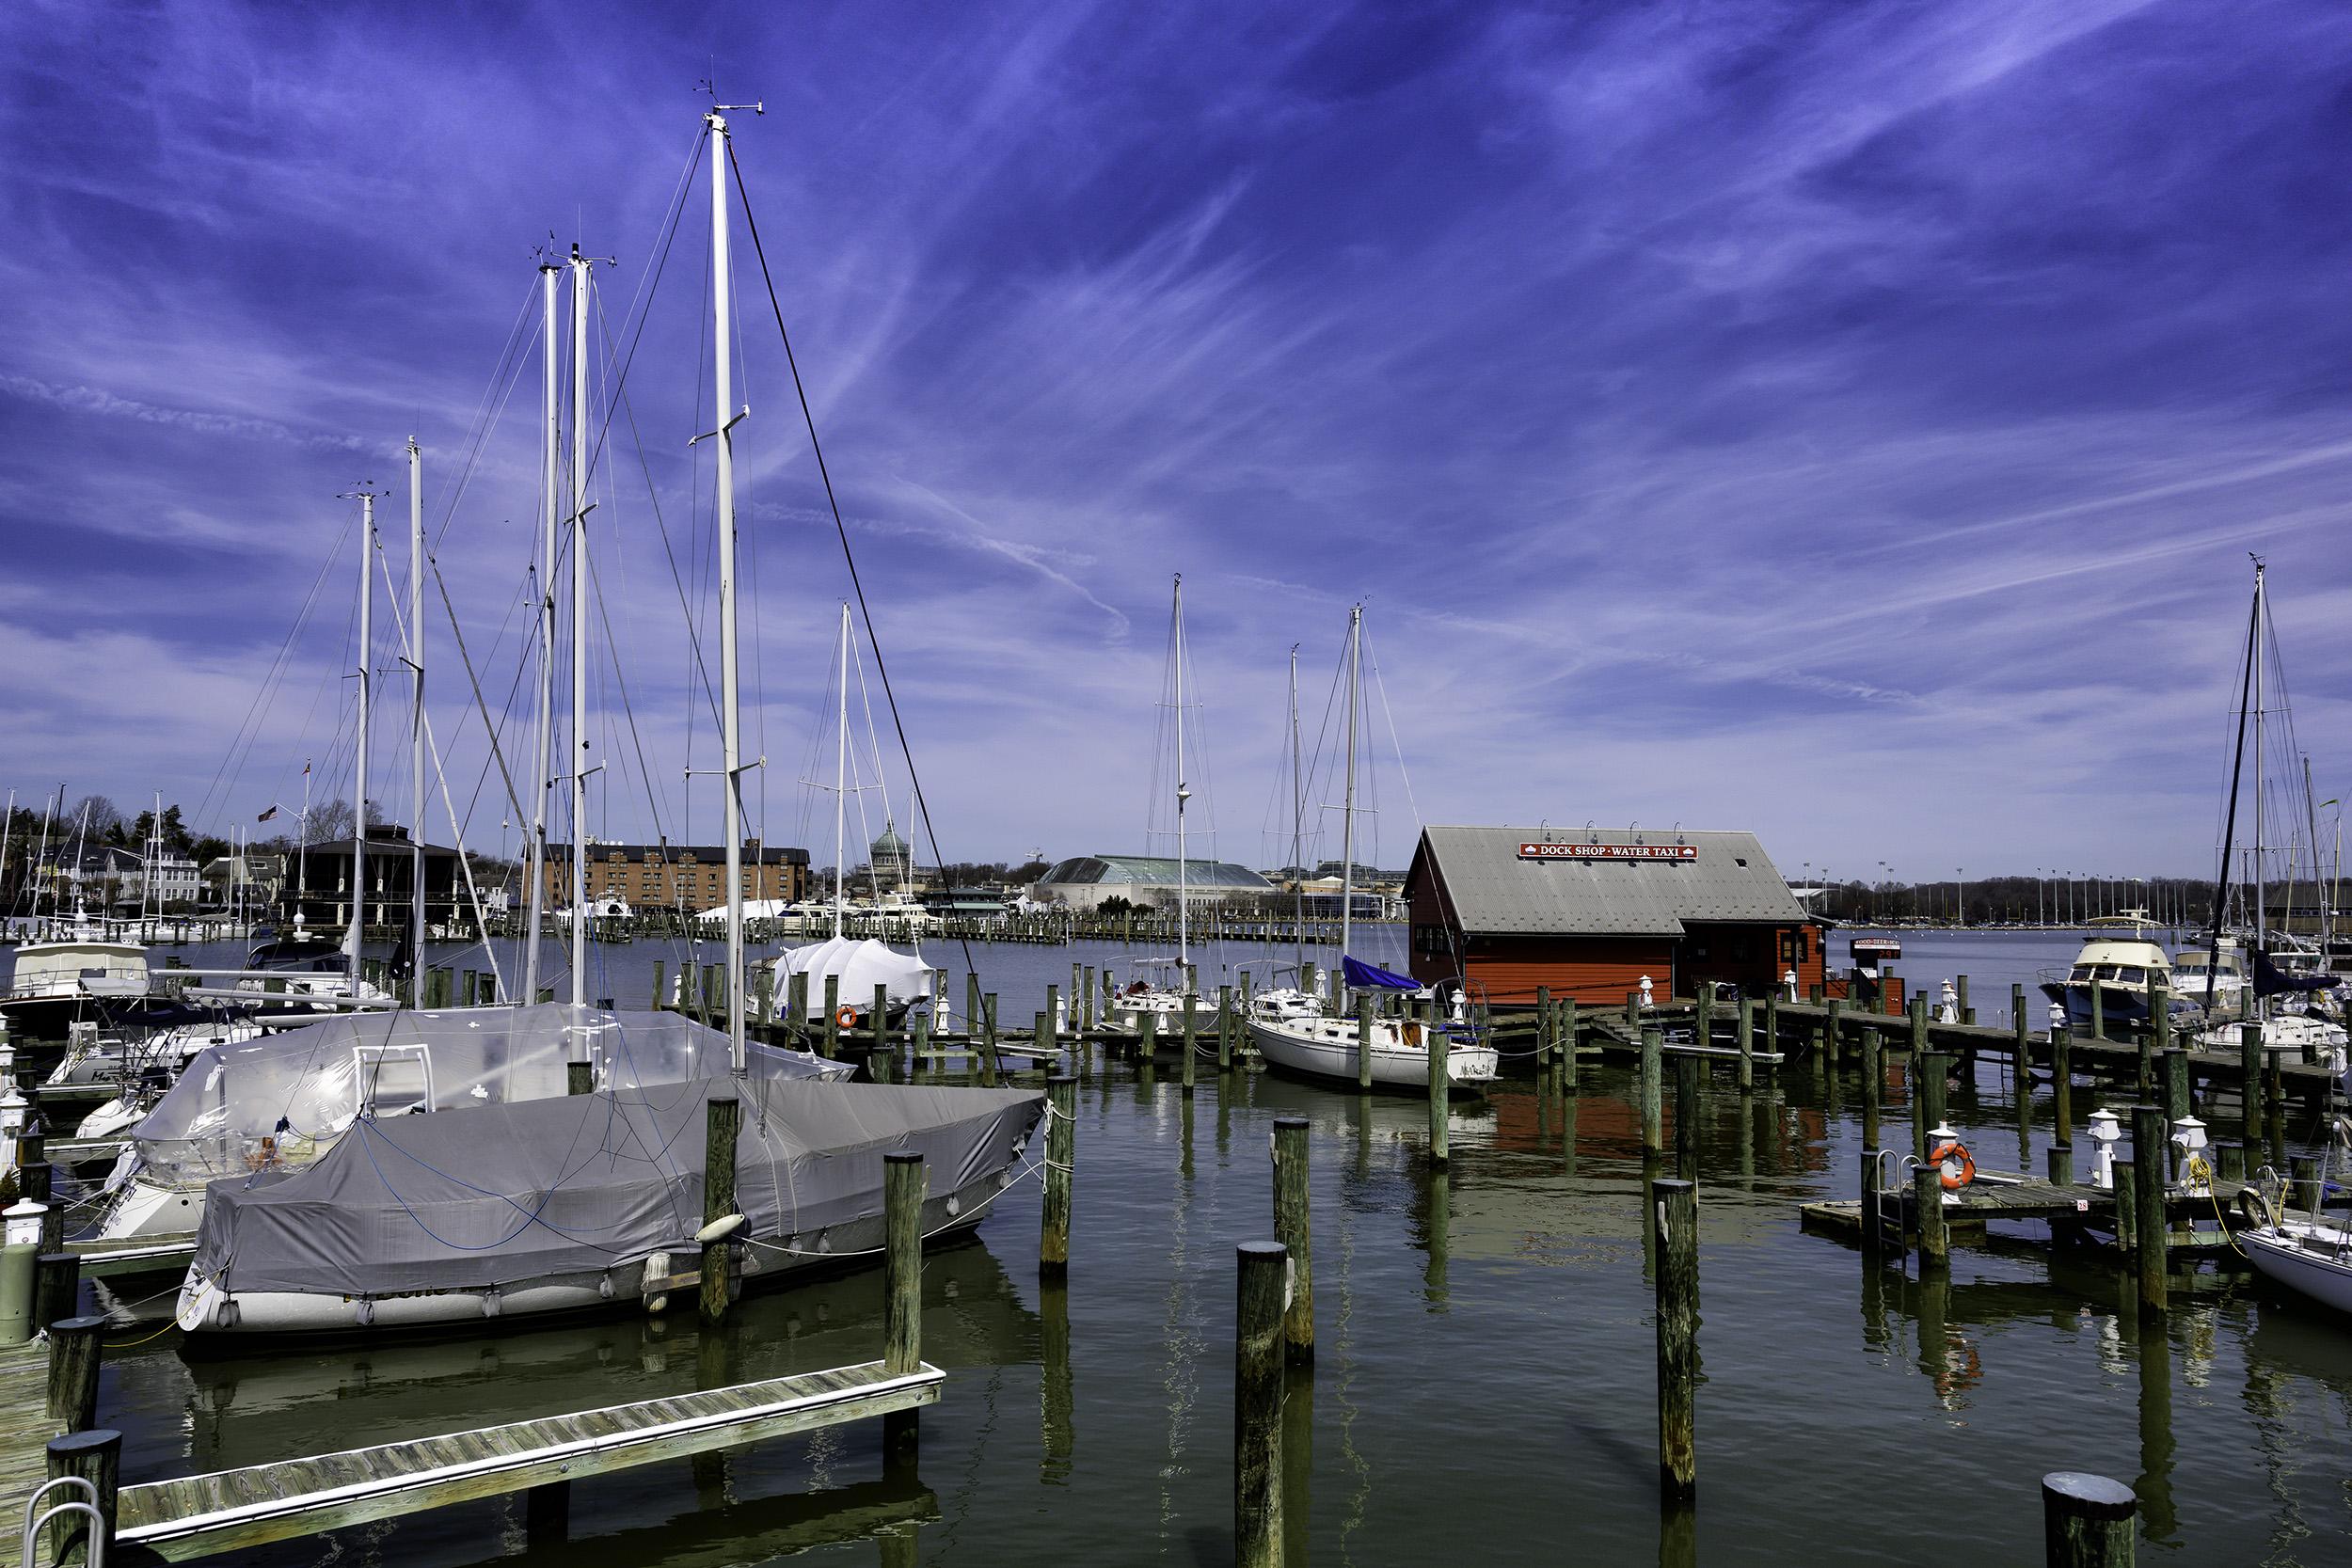 190327 Annapolis Maritime Museum 02-1.jpg